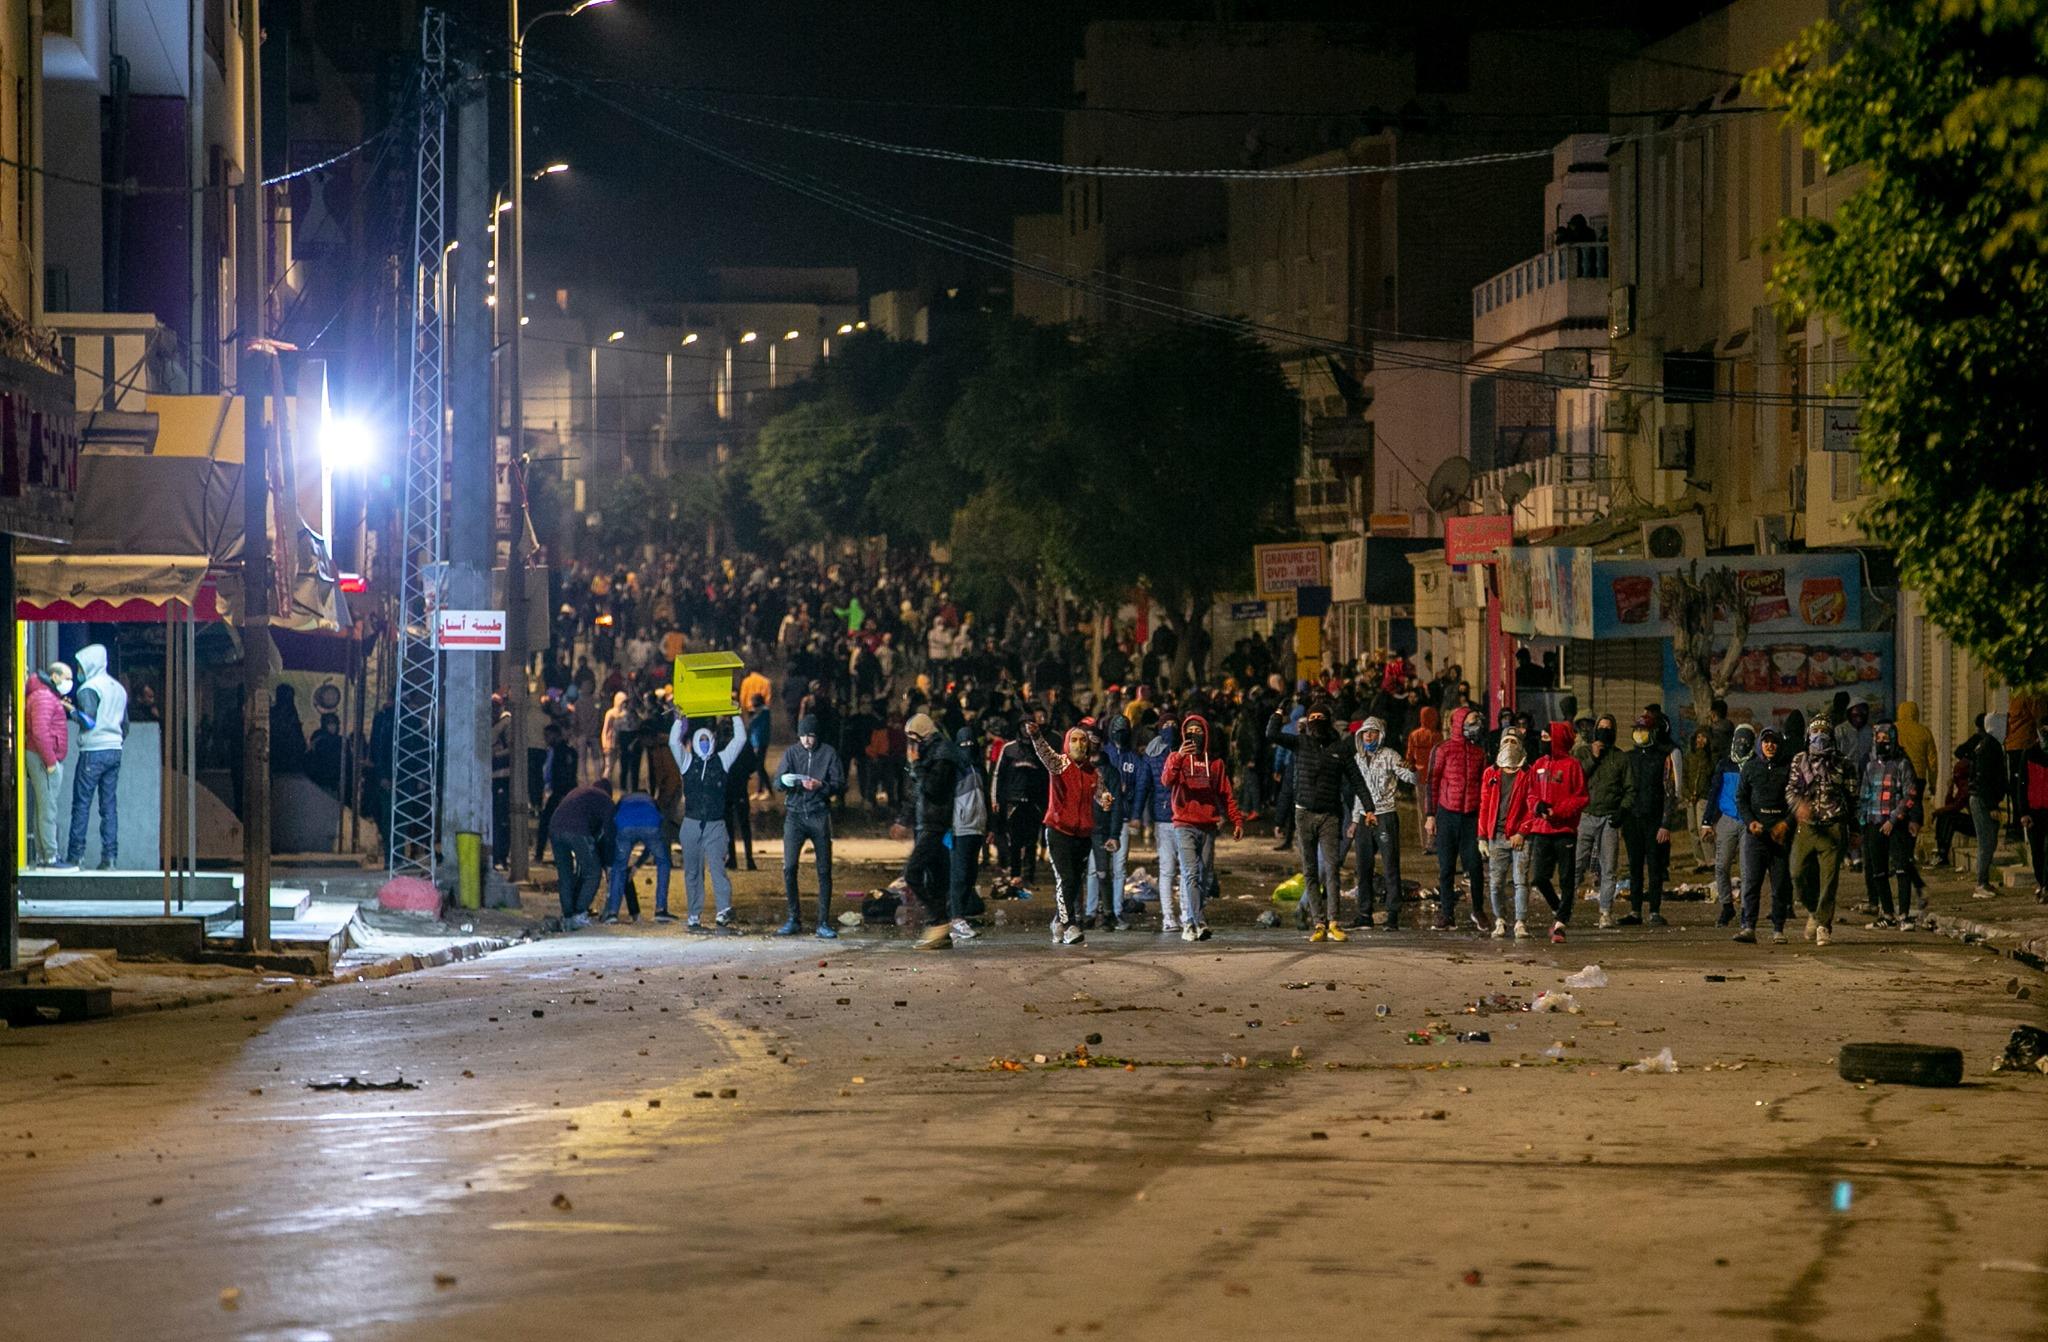 © DR | Yassine Gaidi / Anadolu Agency